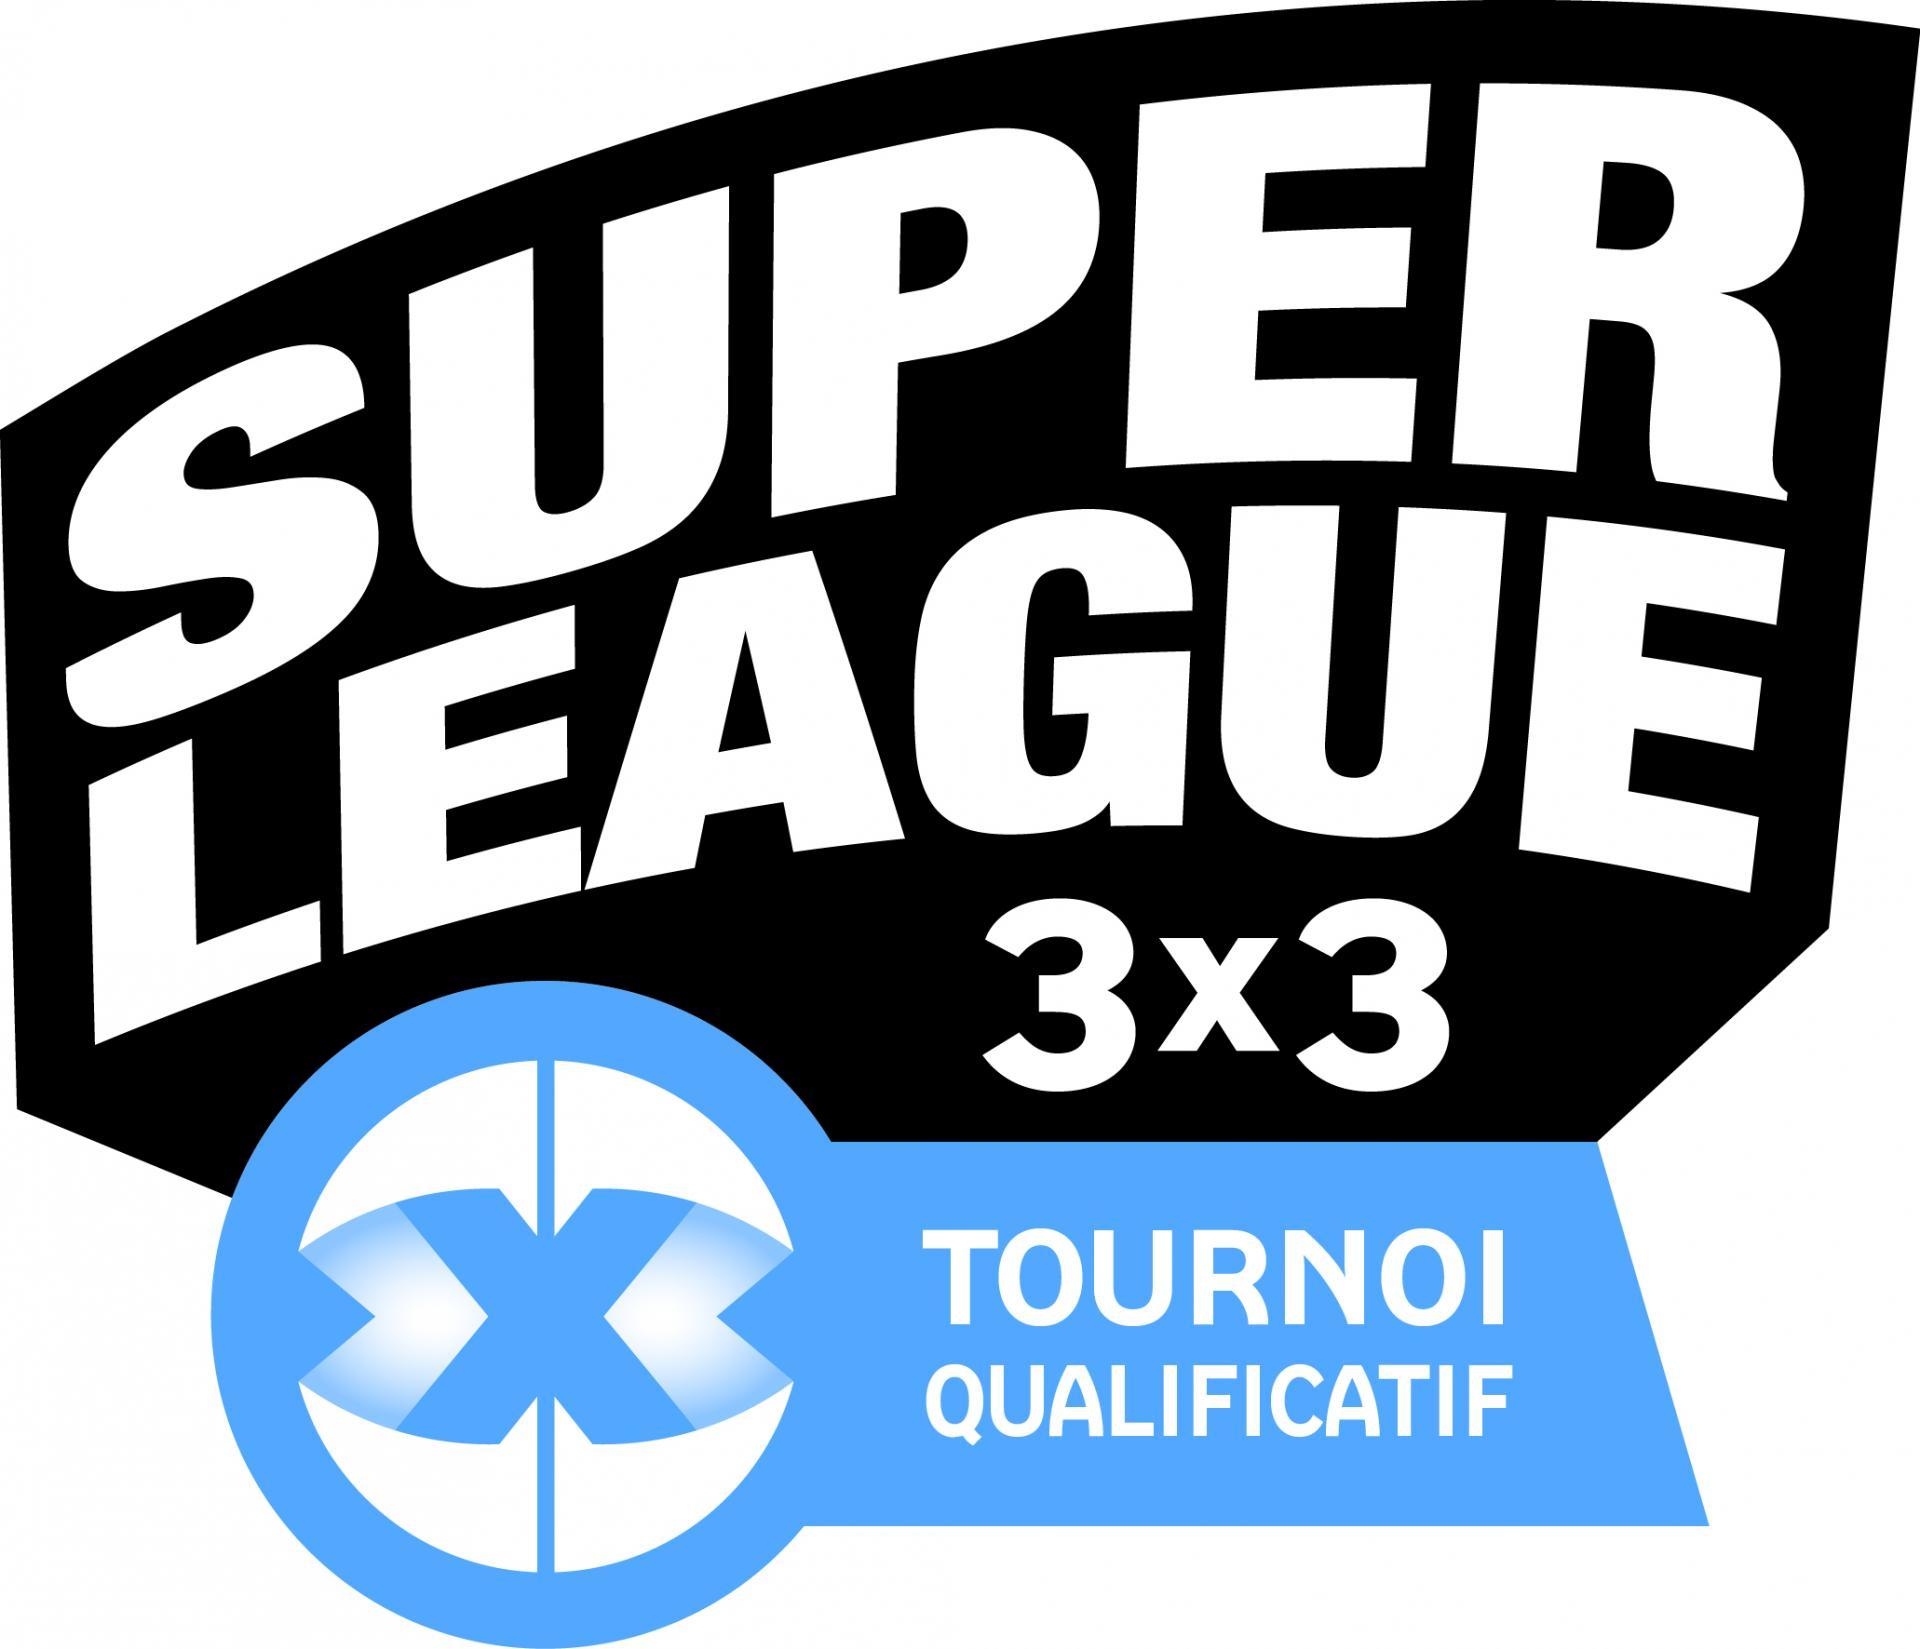 Logoffbb 3x3 tq quadri